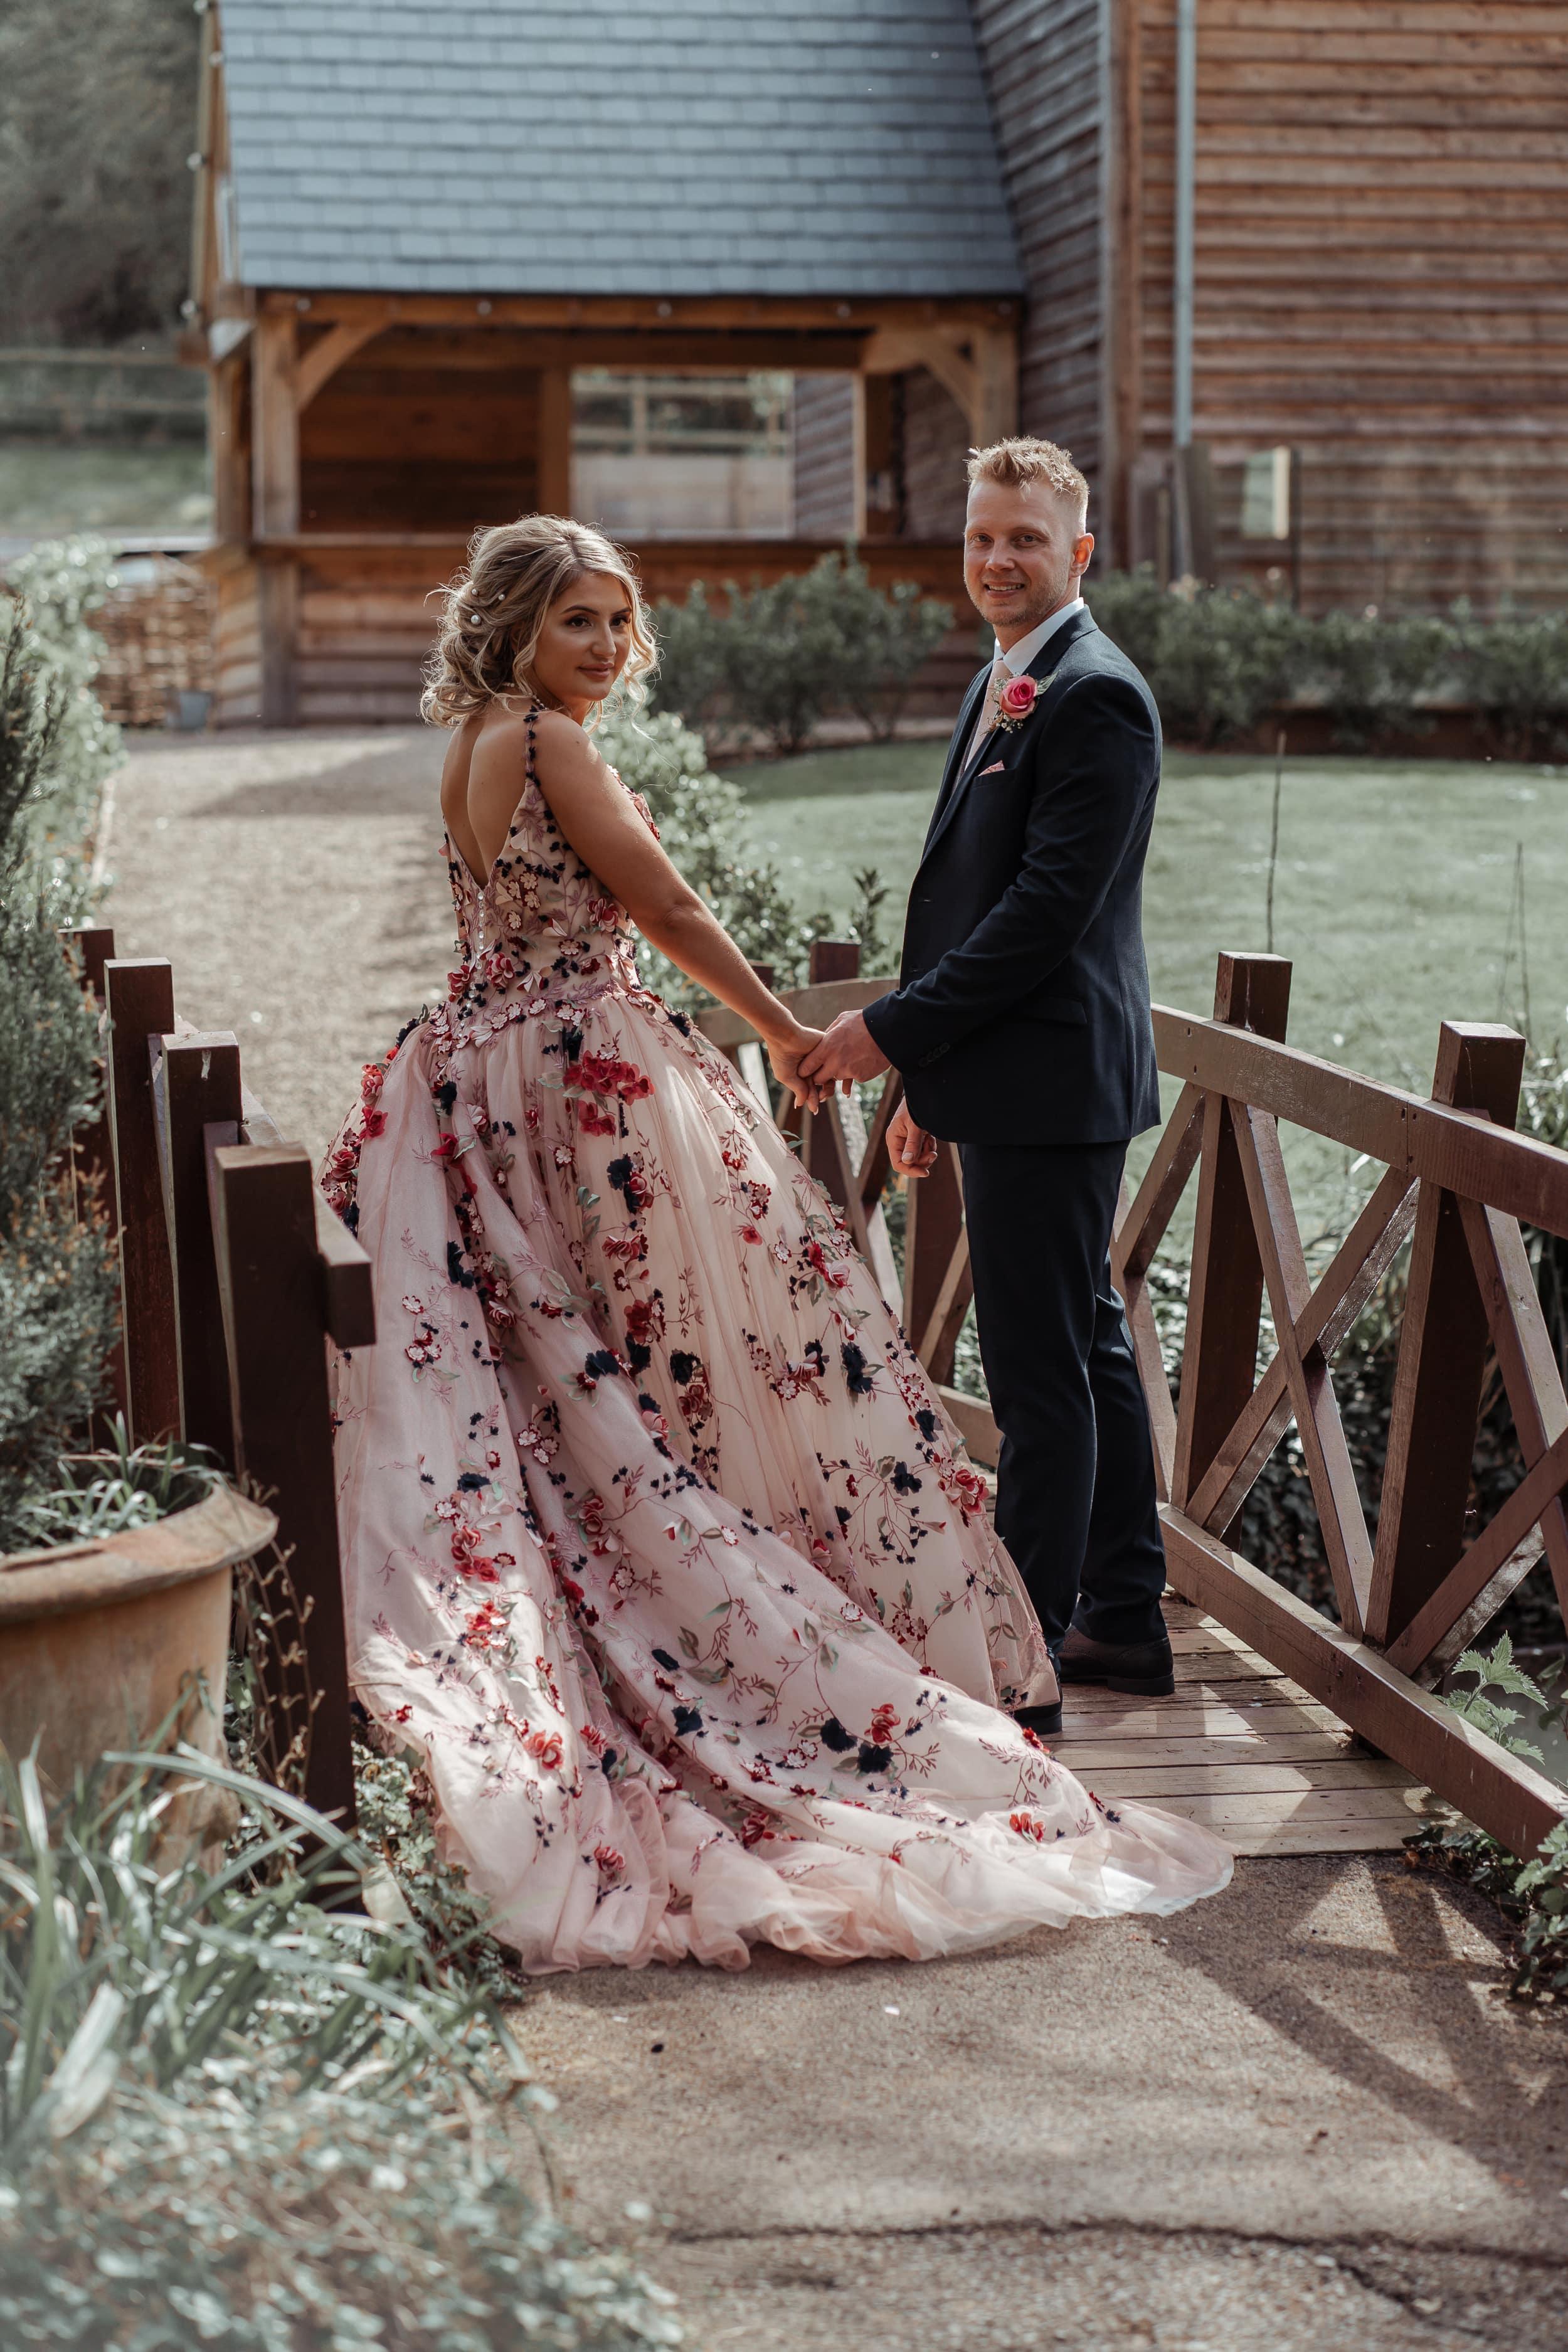 Hastings Park Wedding